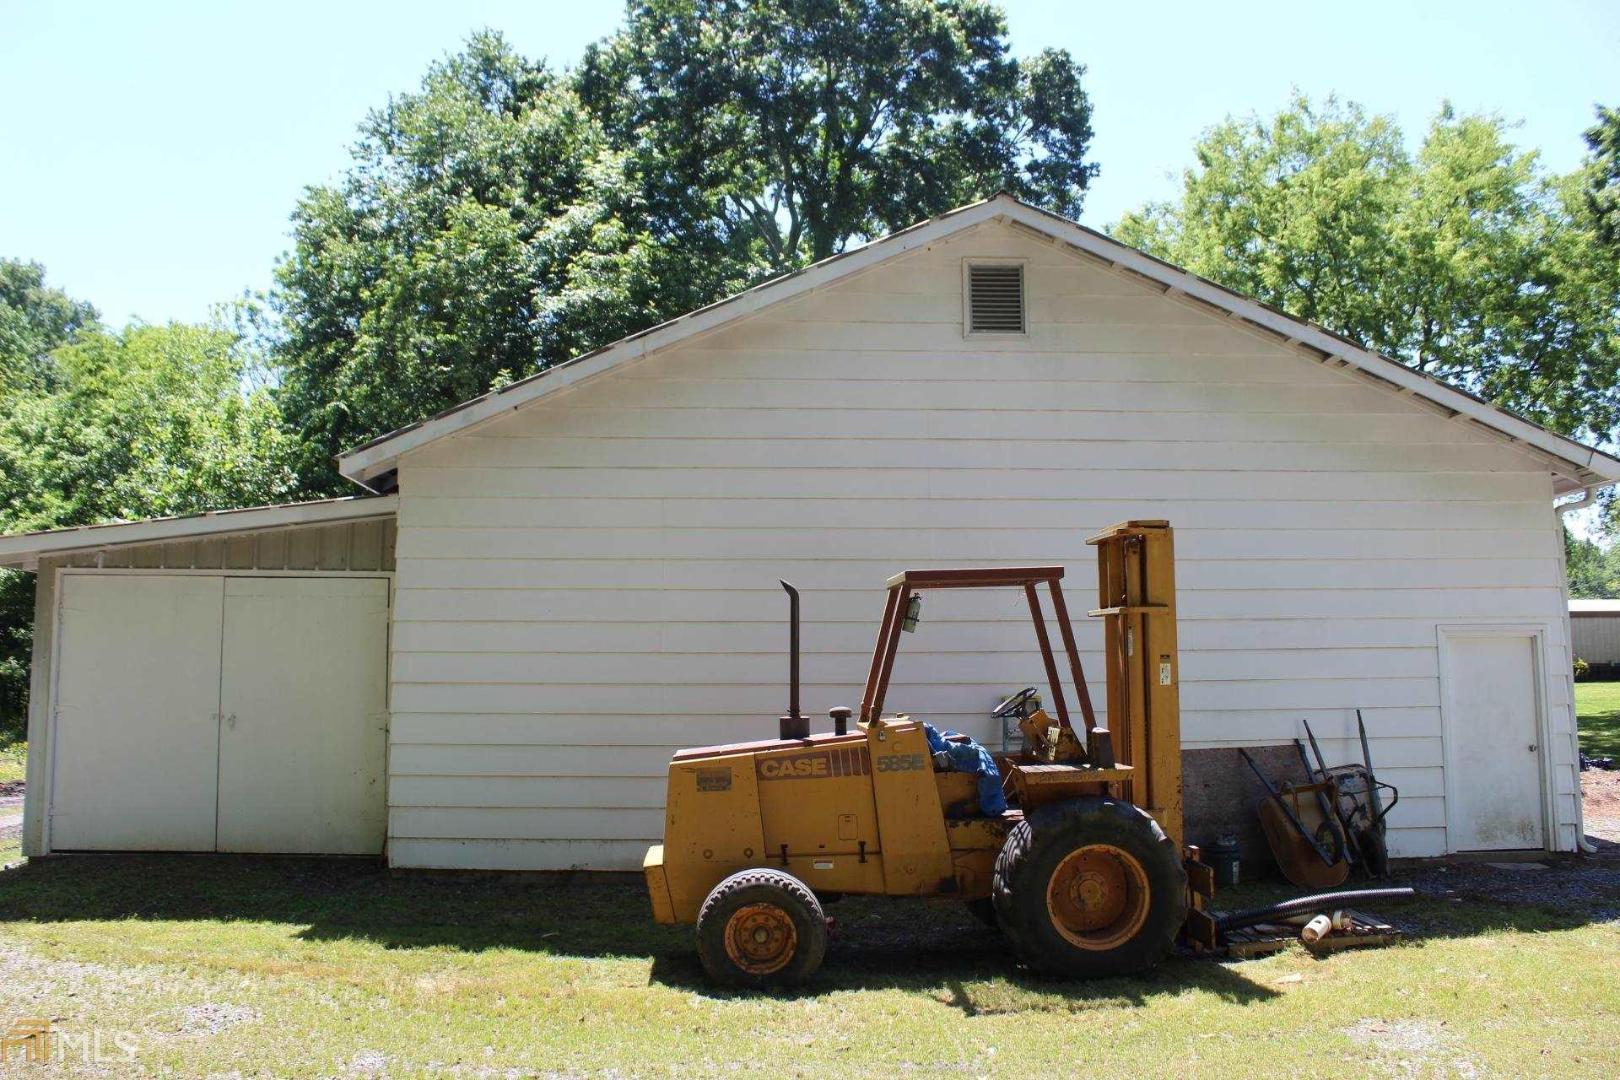 1515a/1515a1 Riverbend Way Property Photo